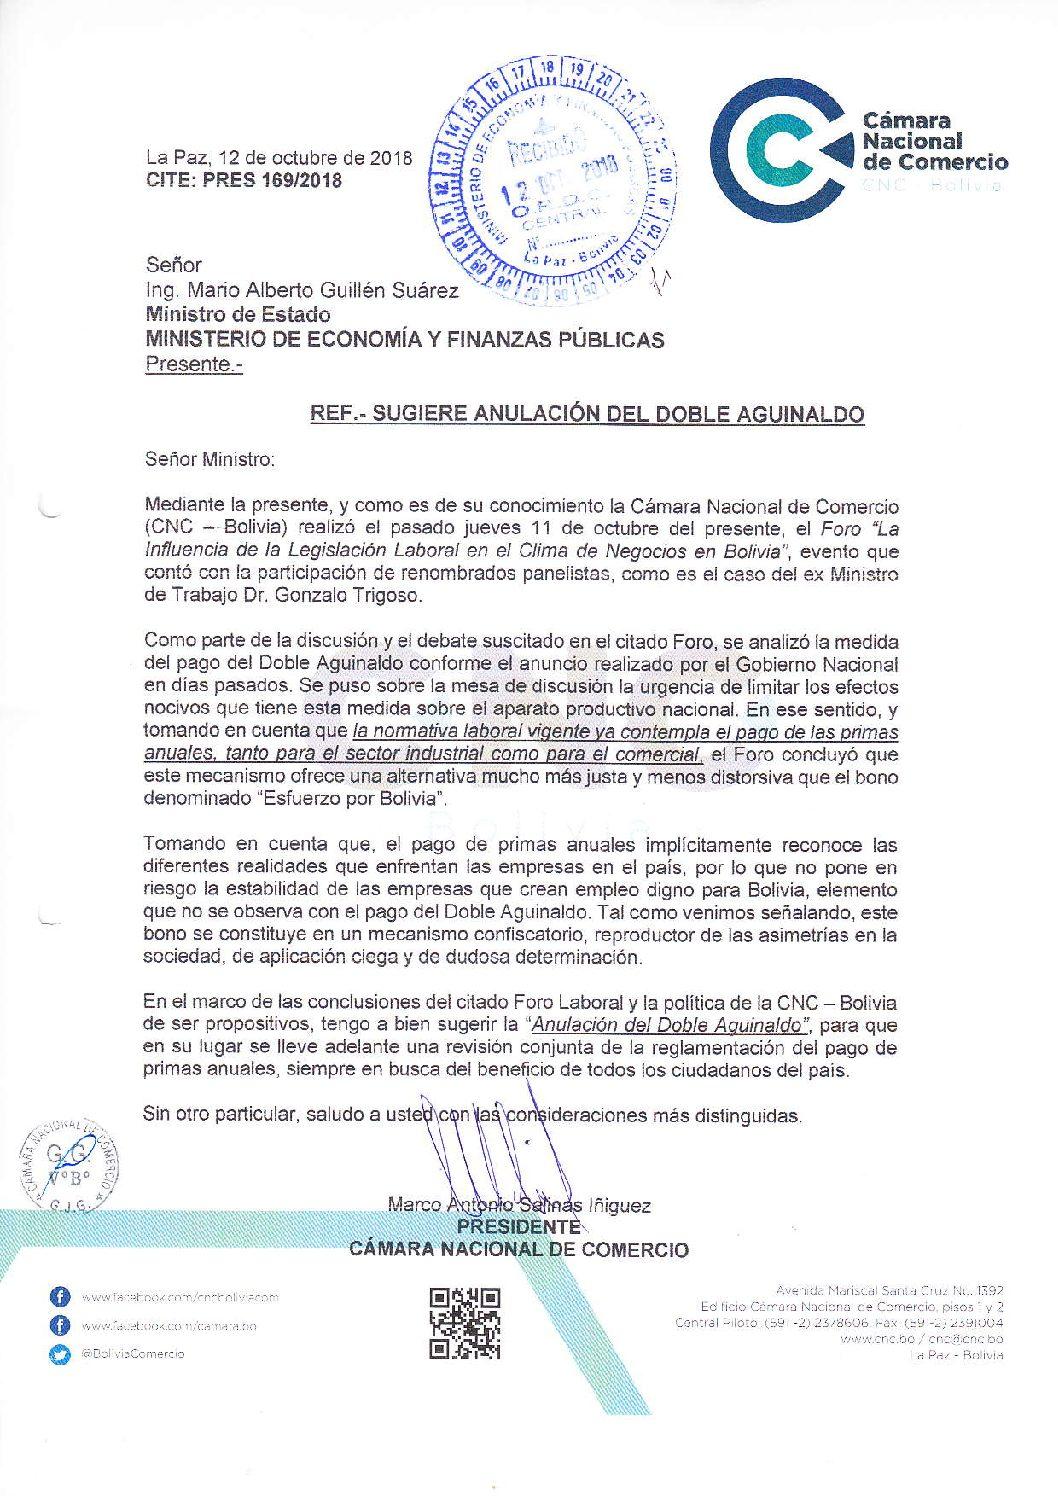 Presidente Cámara nacional de Comercio pide anular doble aguinaldo